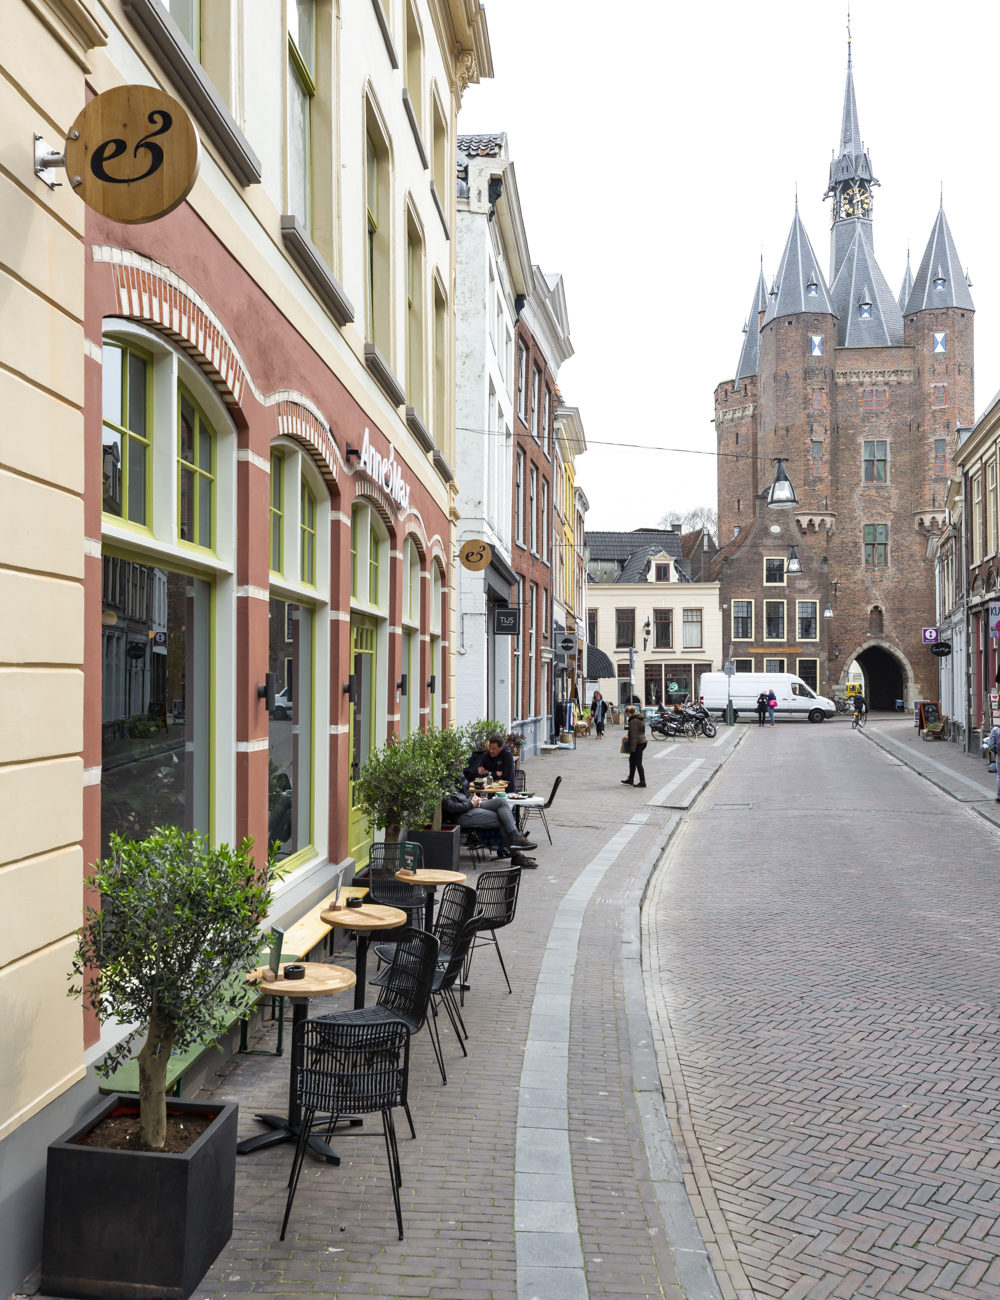 Anne&Max in de Sassenstraat, met zicht op de historische stadspoort